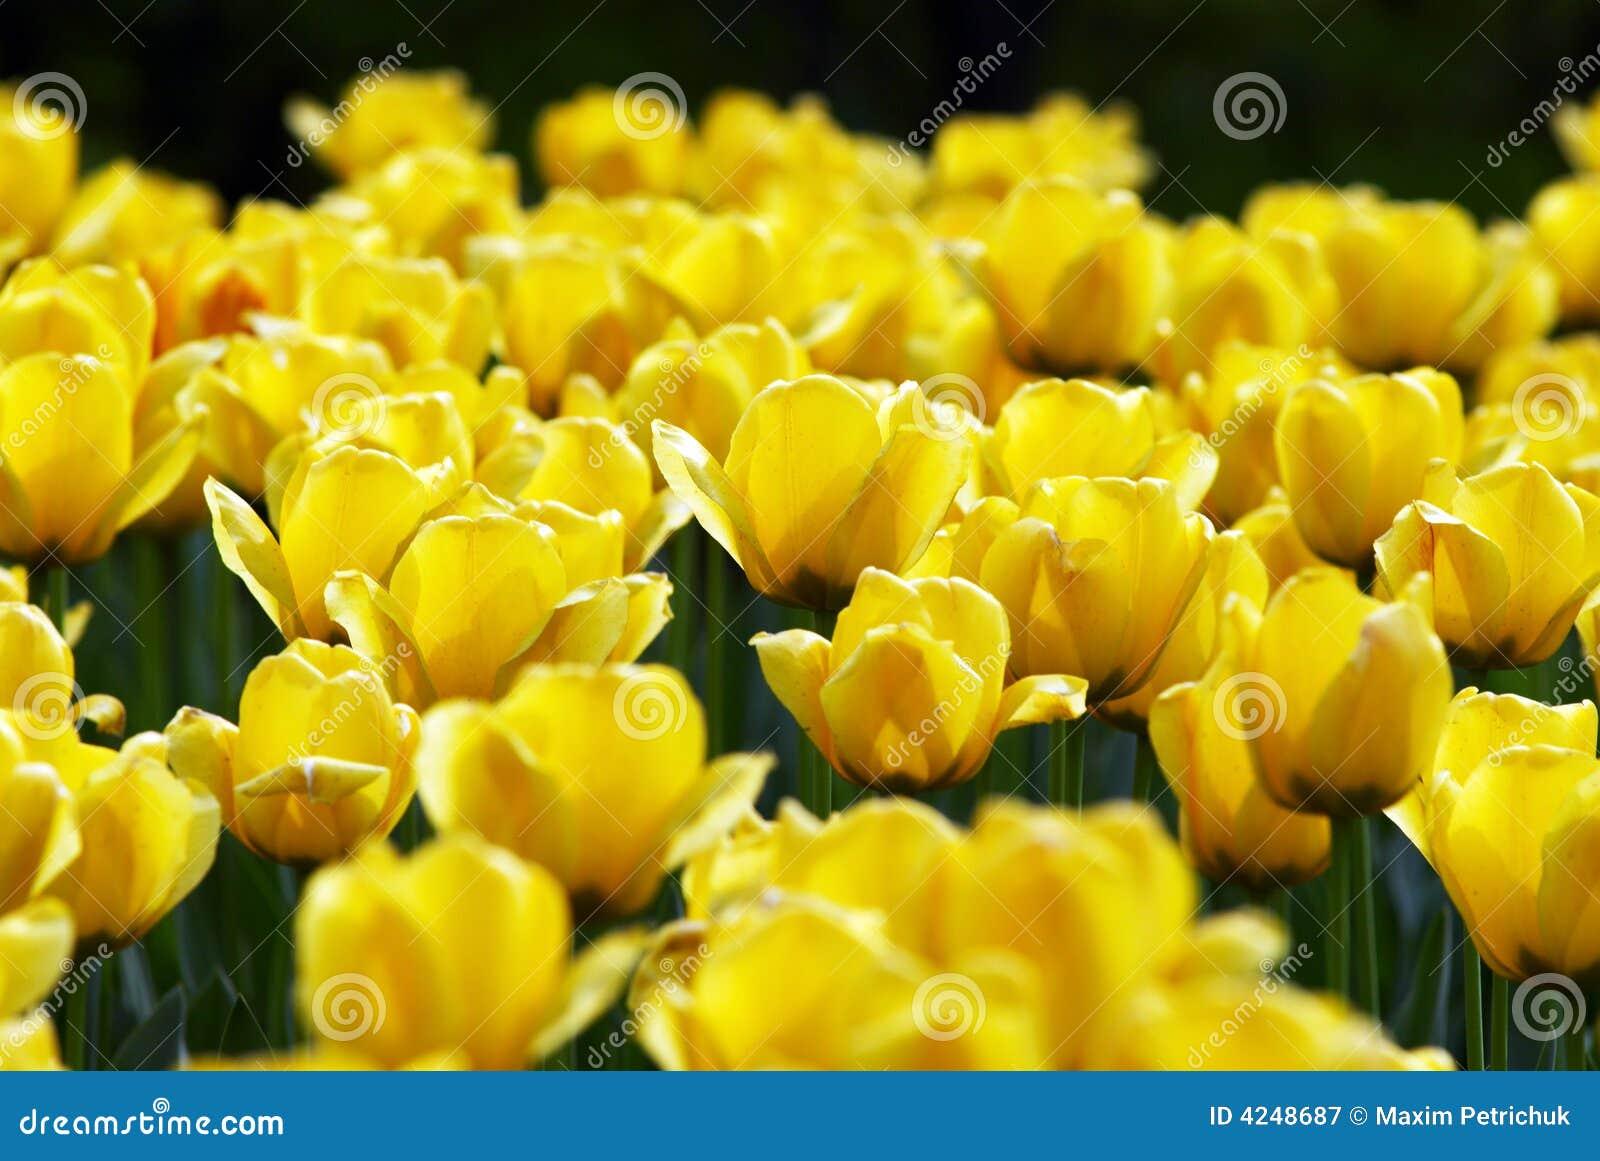 Gisement de fleurs jaune de tulipe